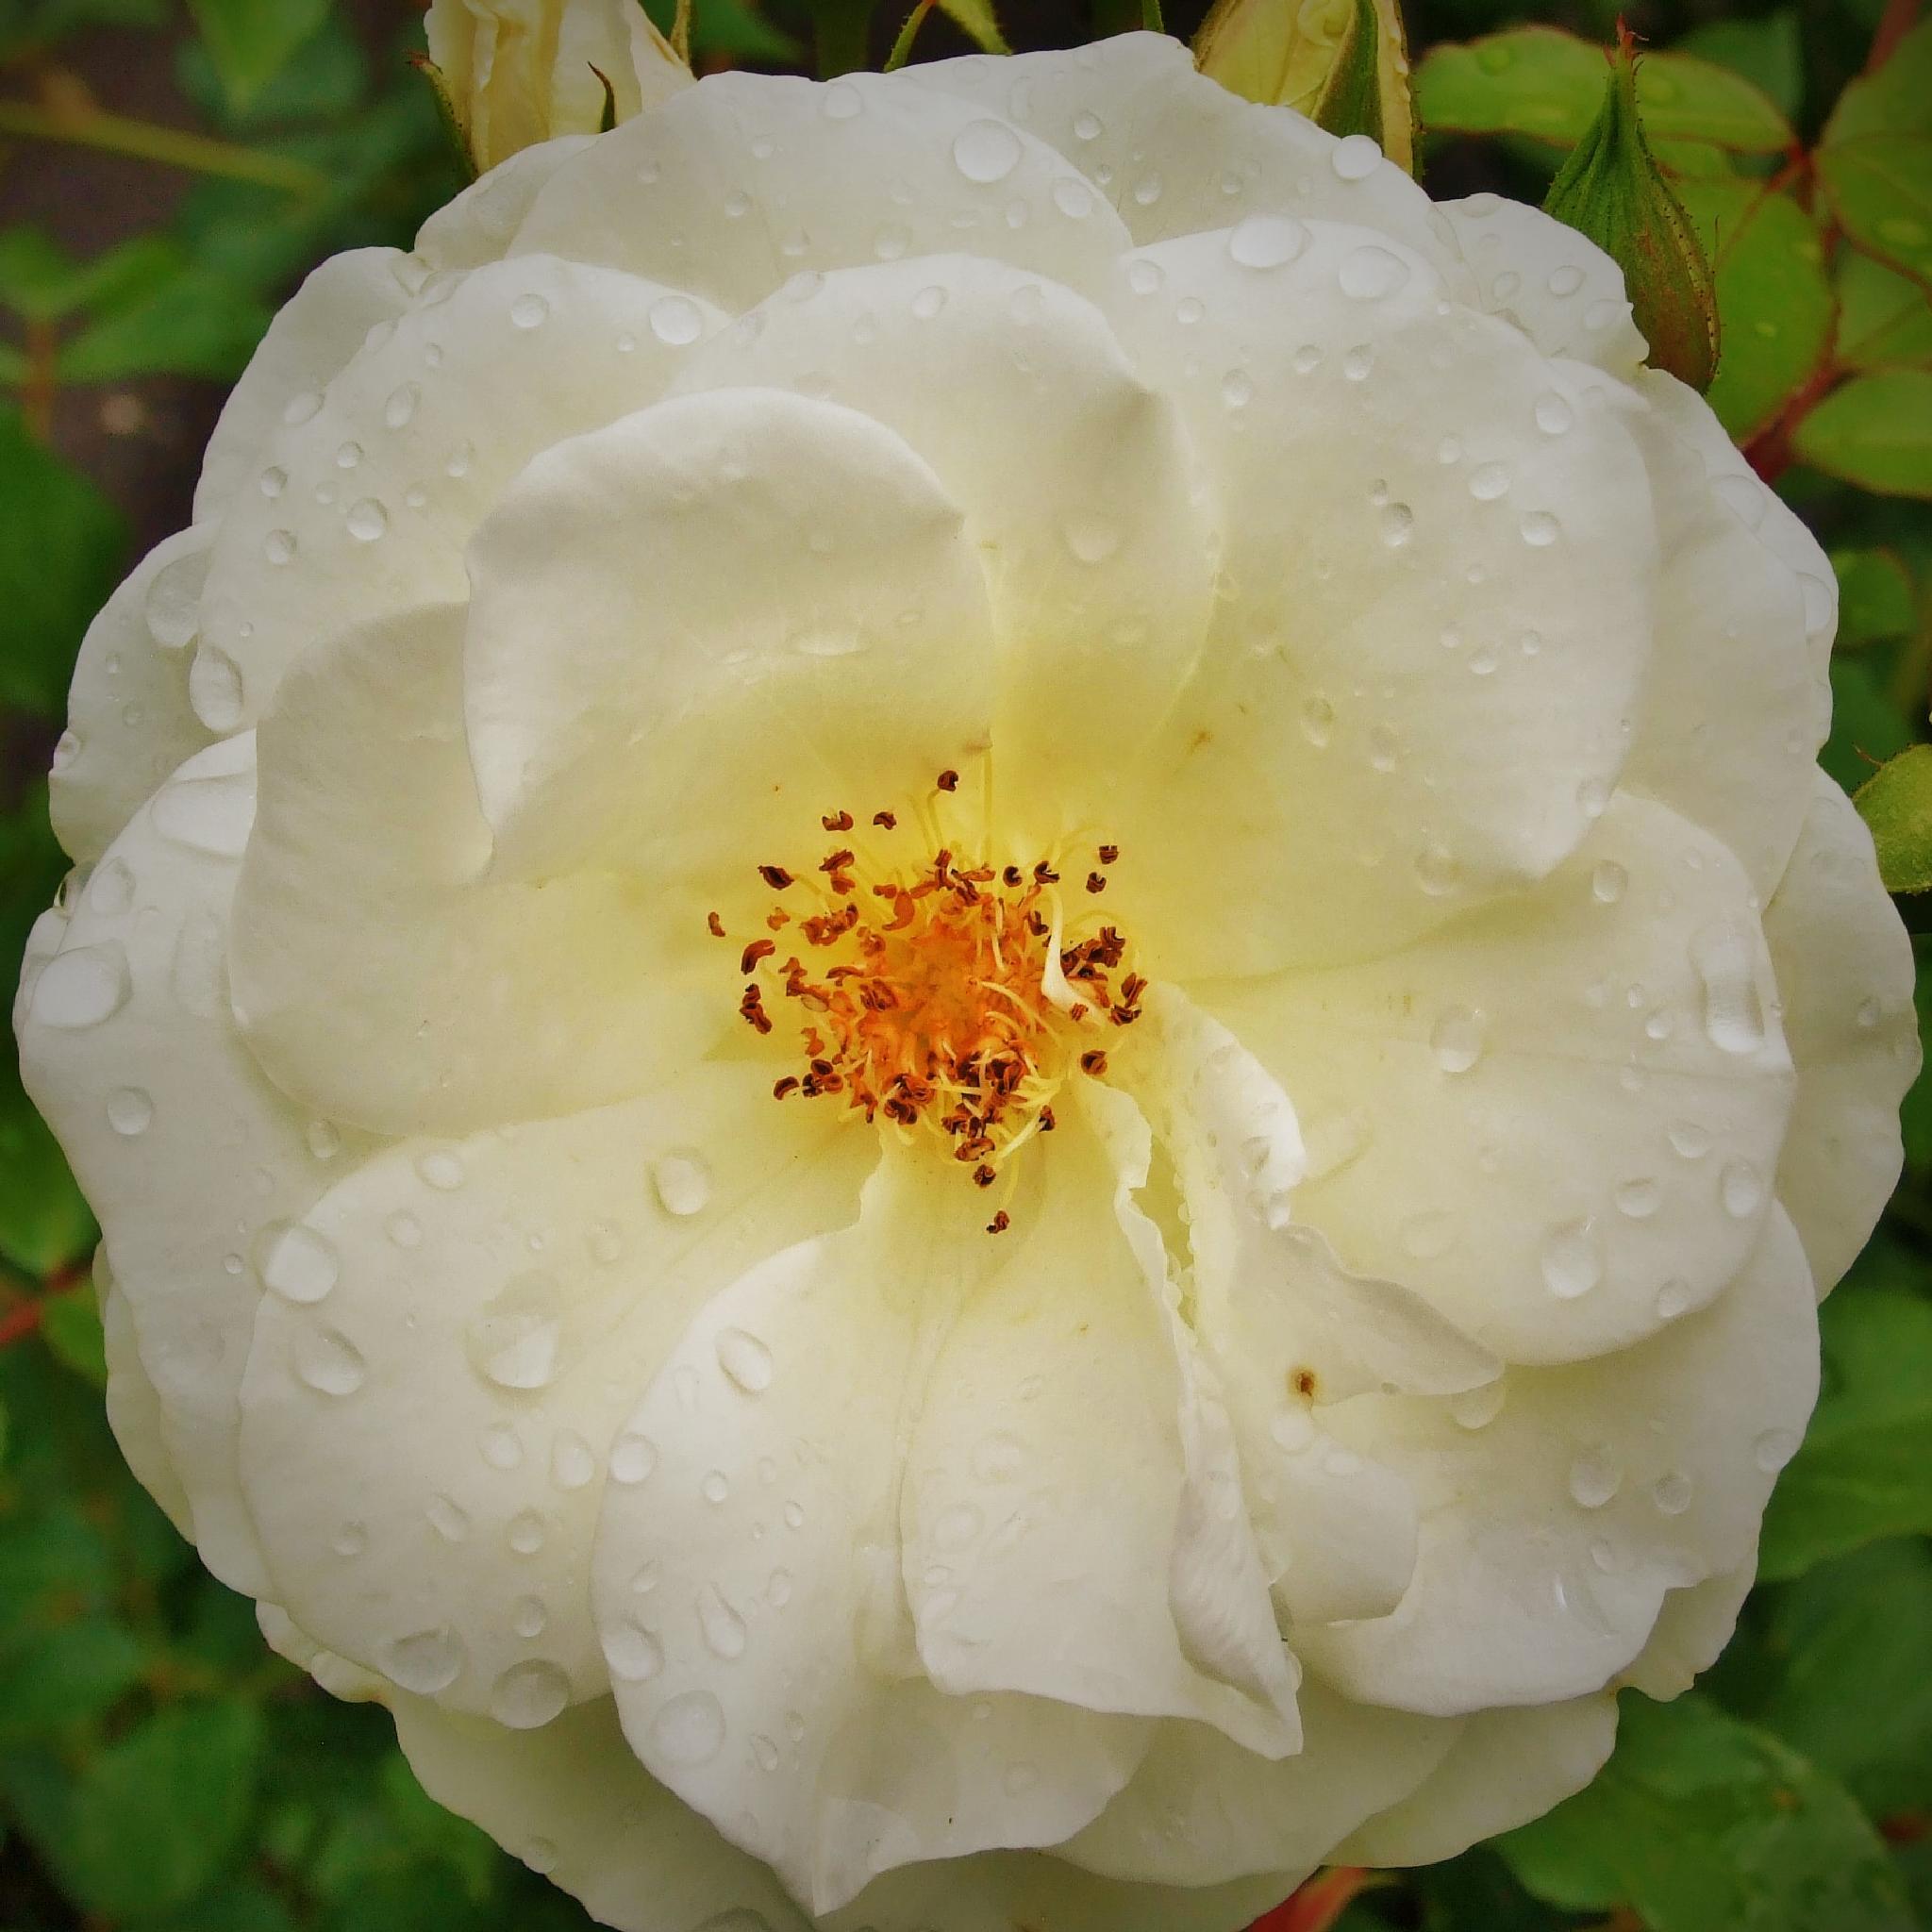 rose by vangral